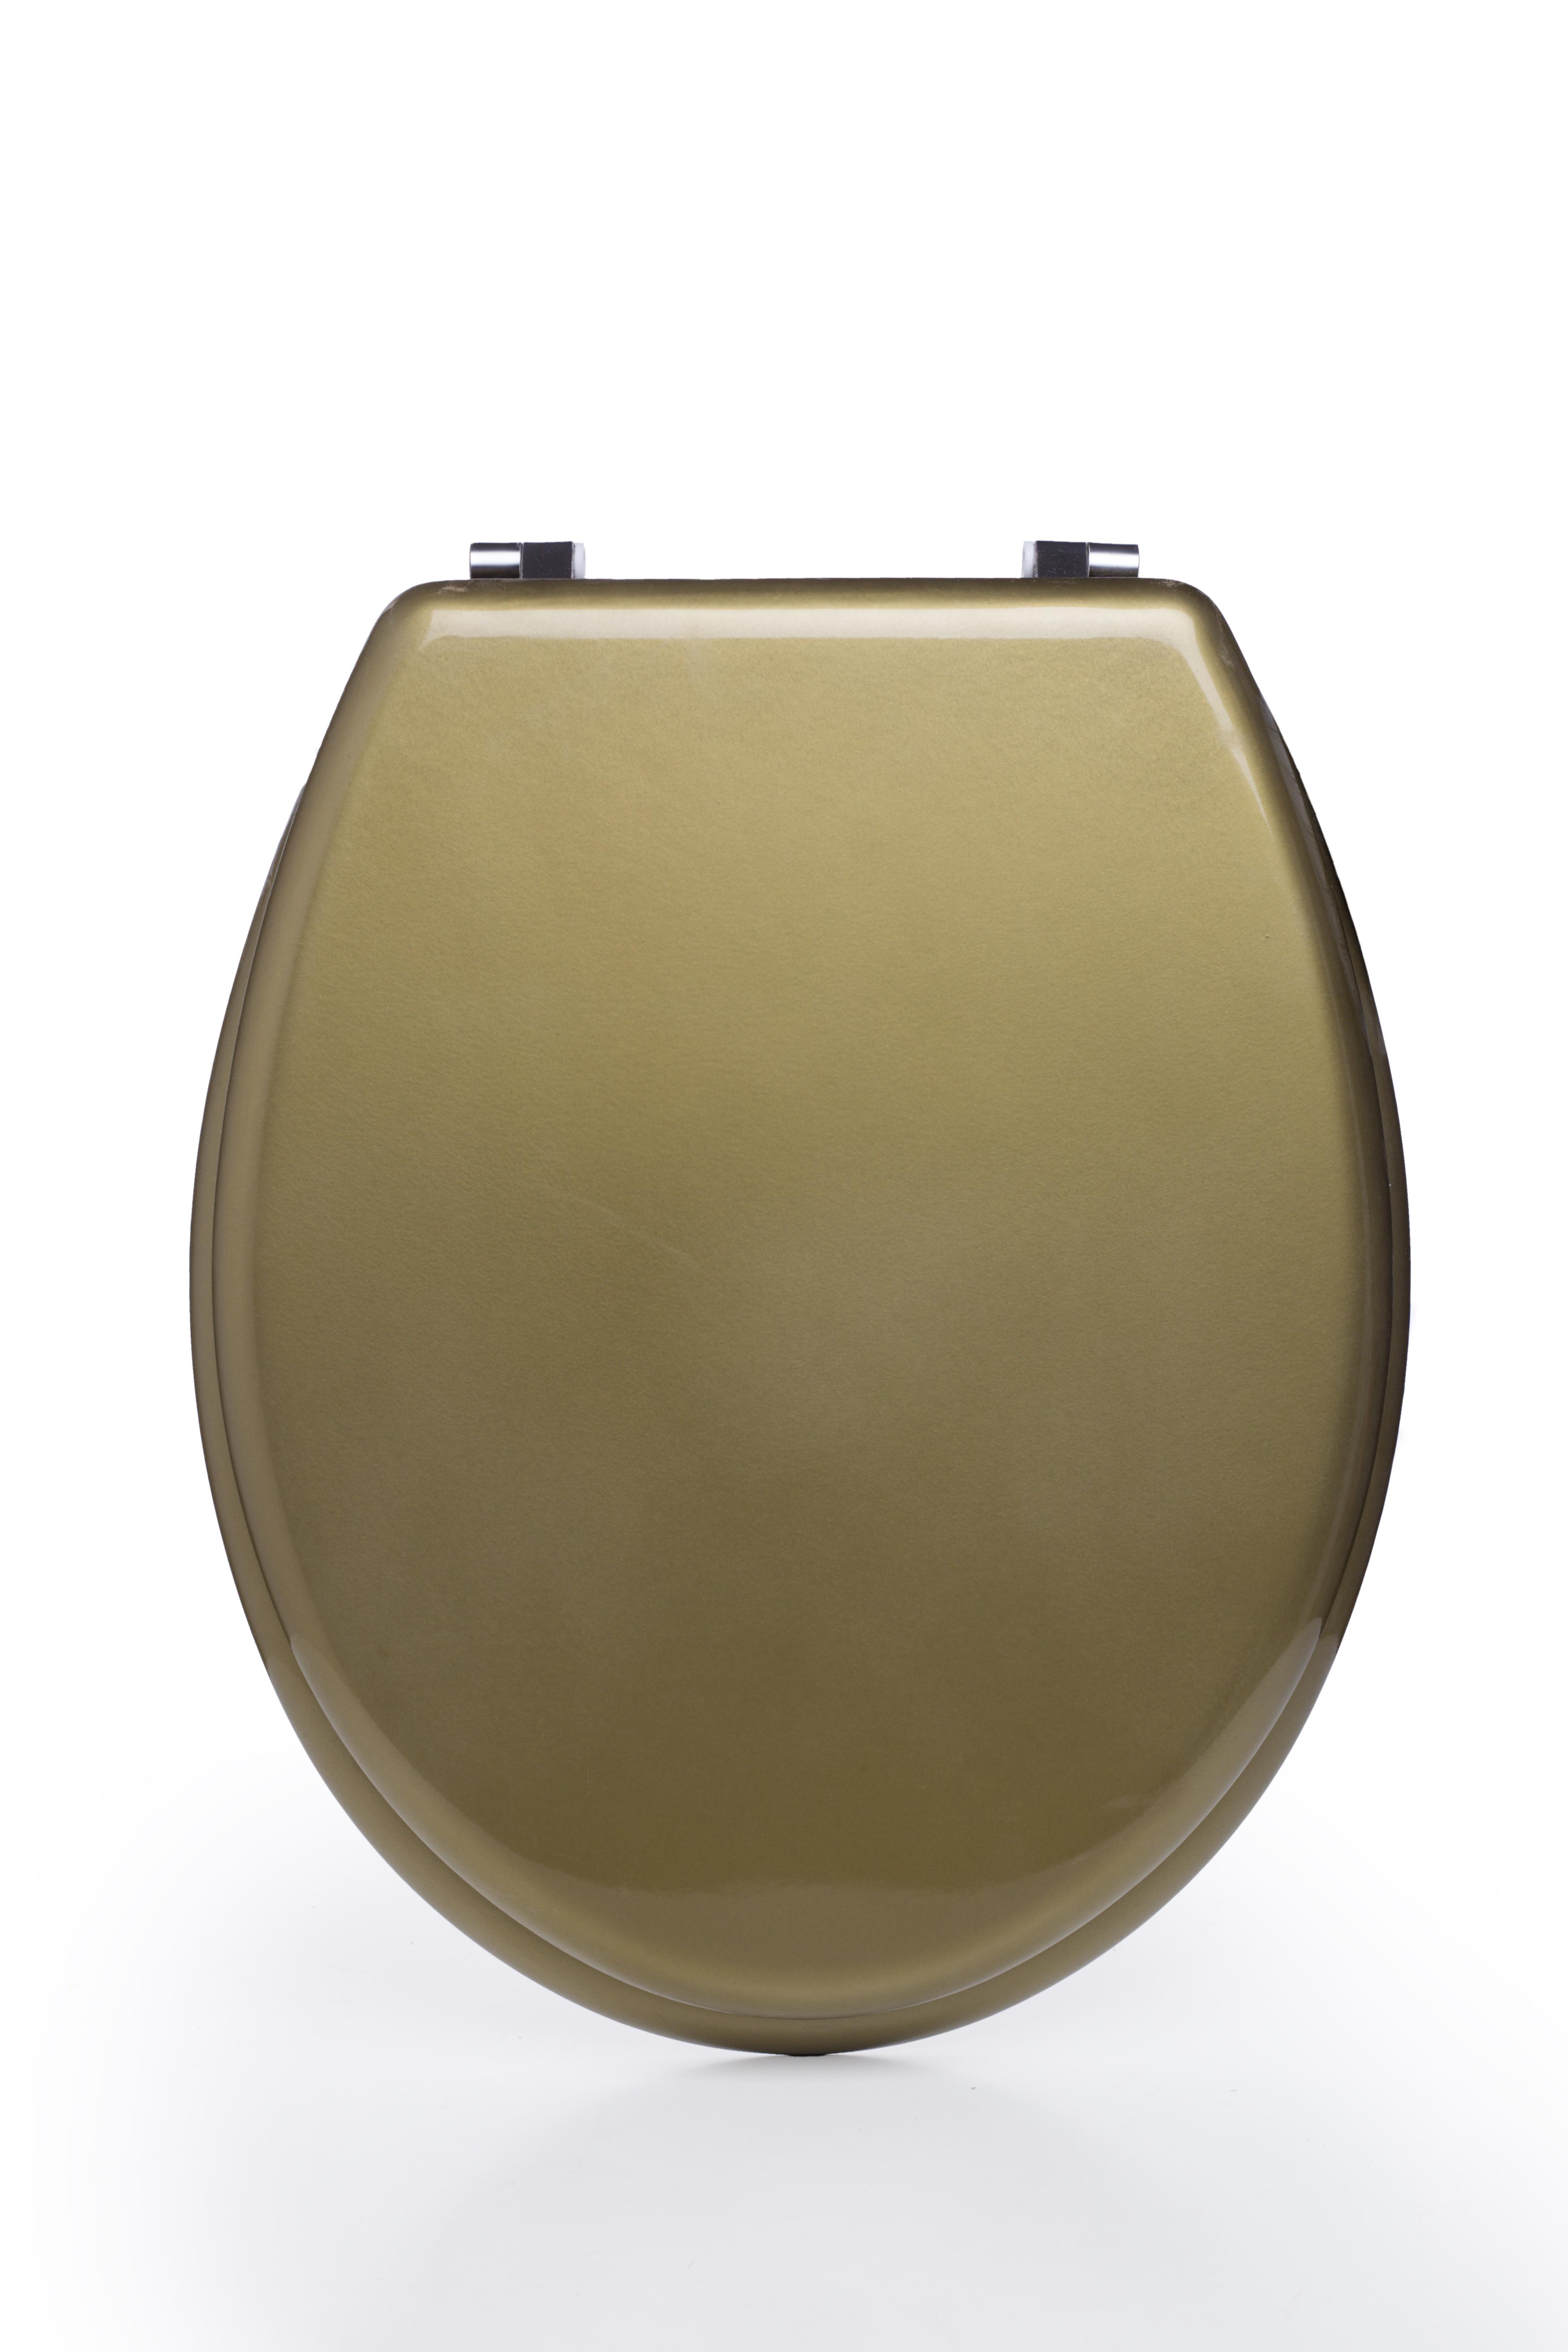 מושב אסלה טוליפ זהב